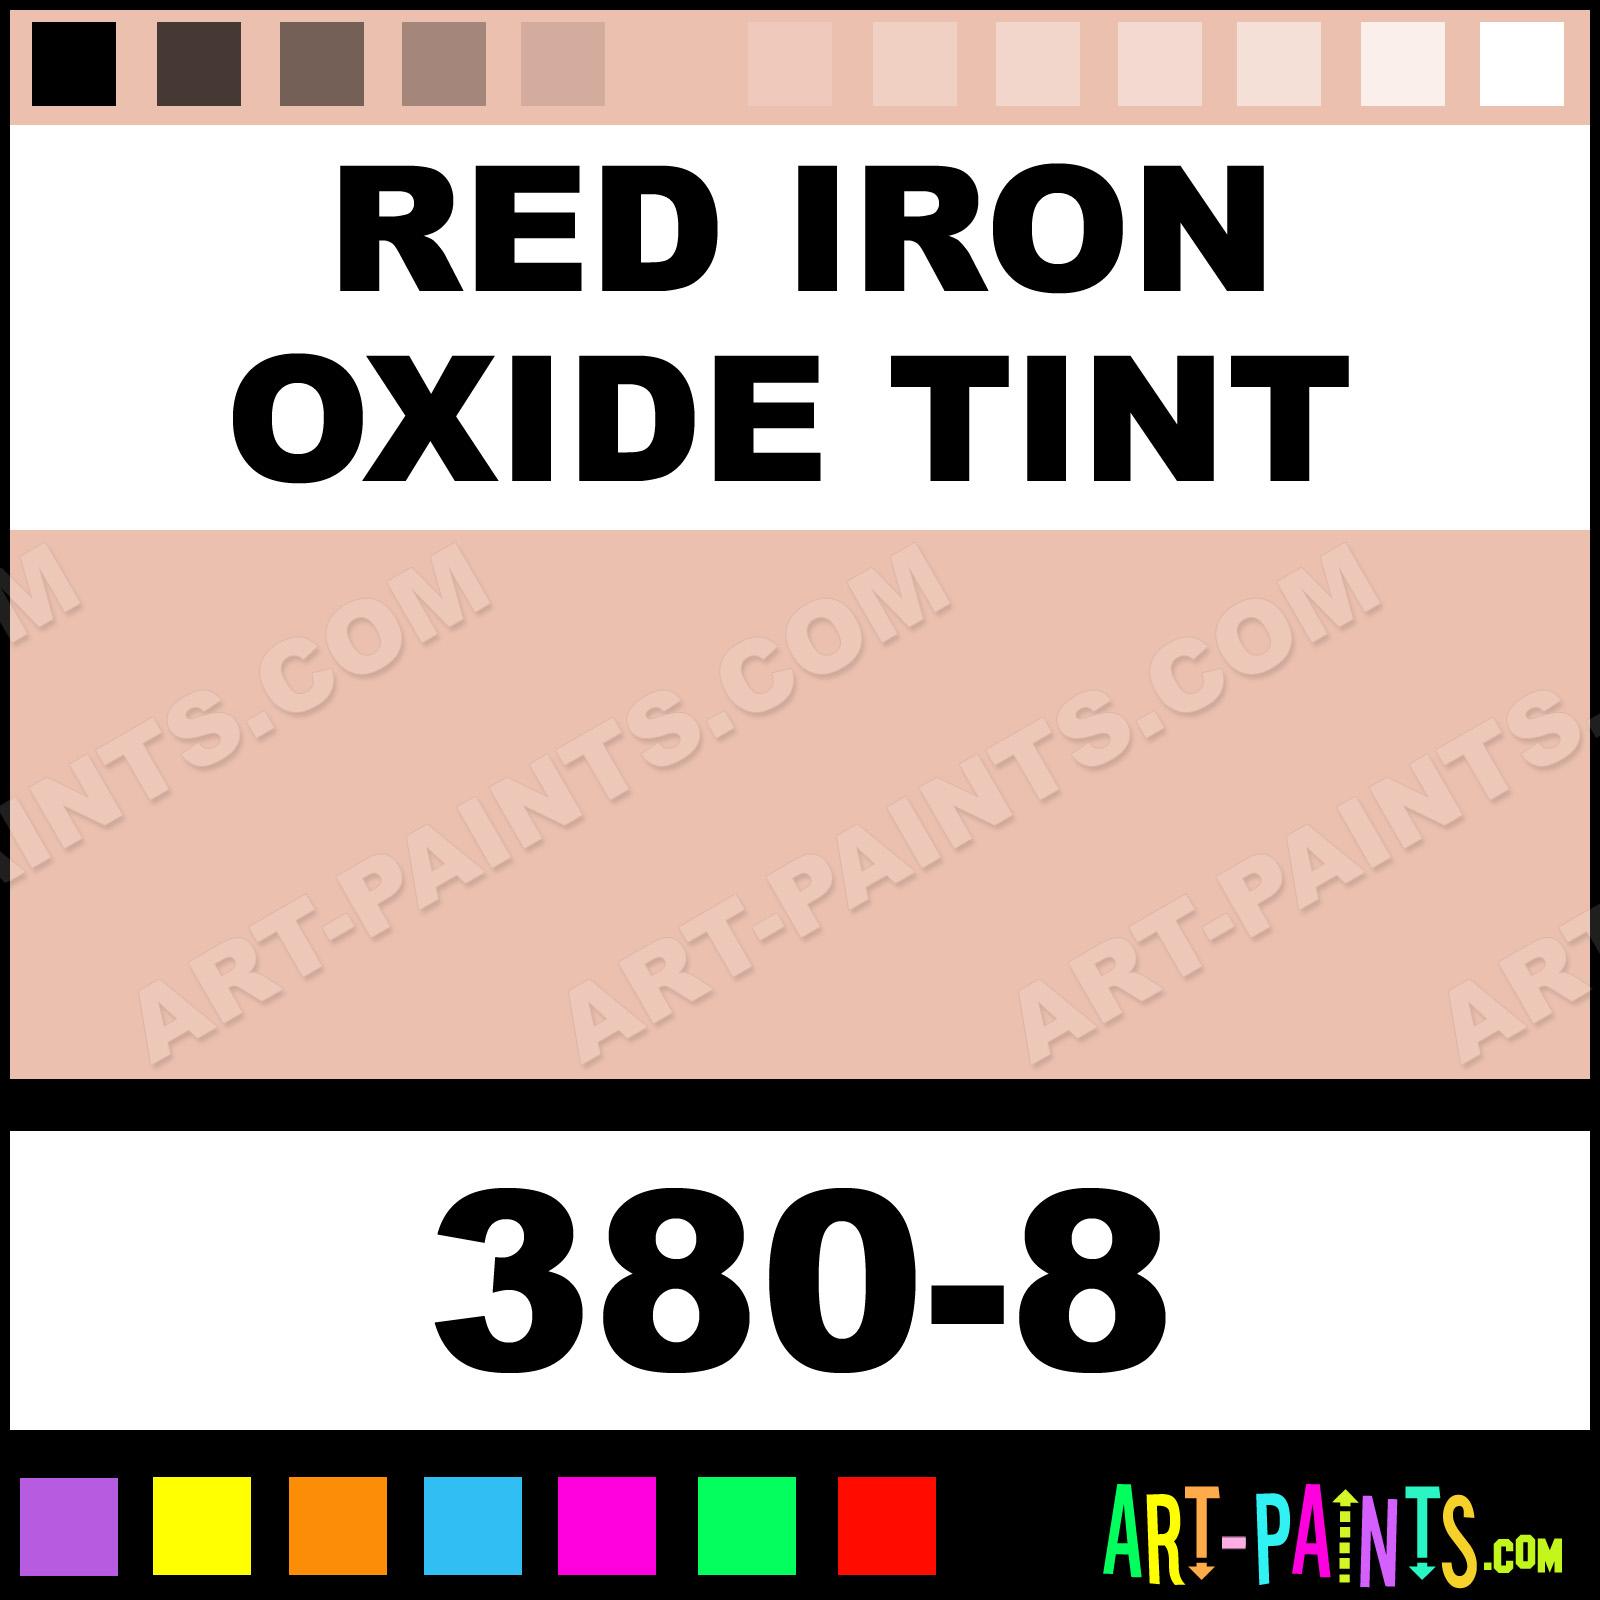 Red Iron Oxide Tint Soft Pastel Paints 380 8 Paint Color Panpastel Ebc0af Art